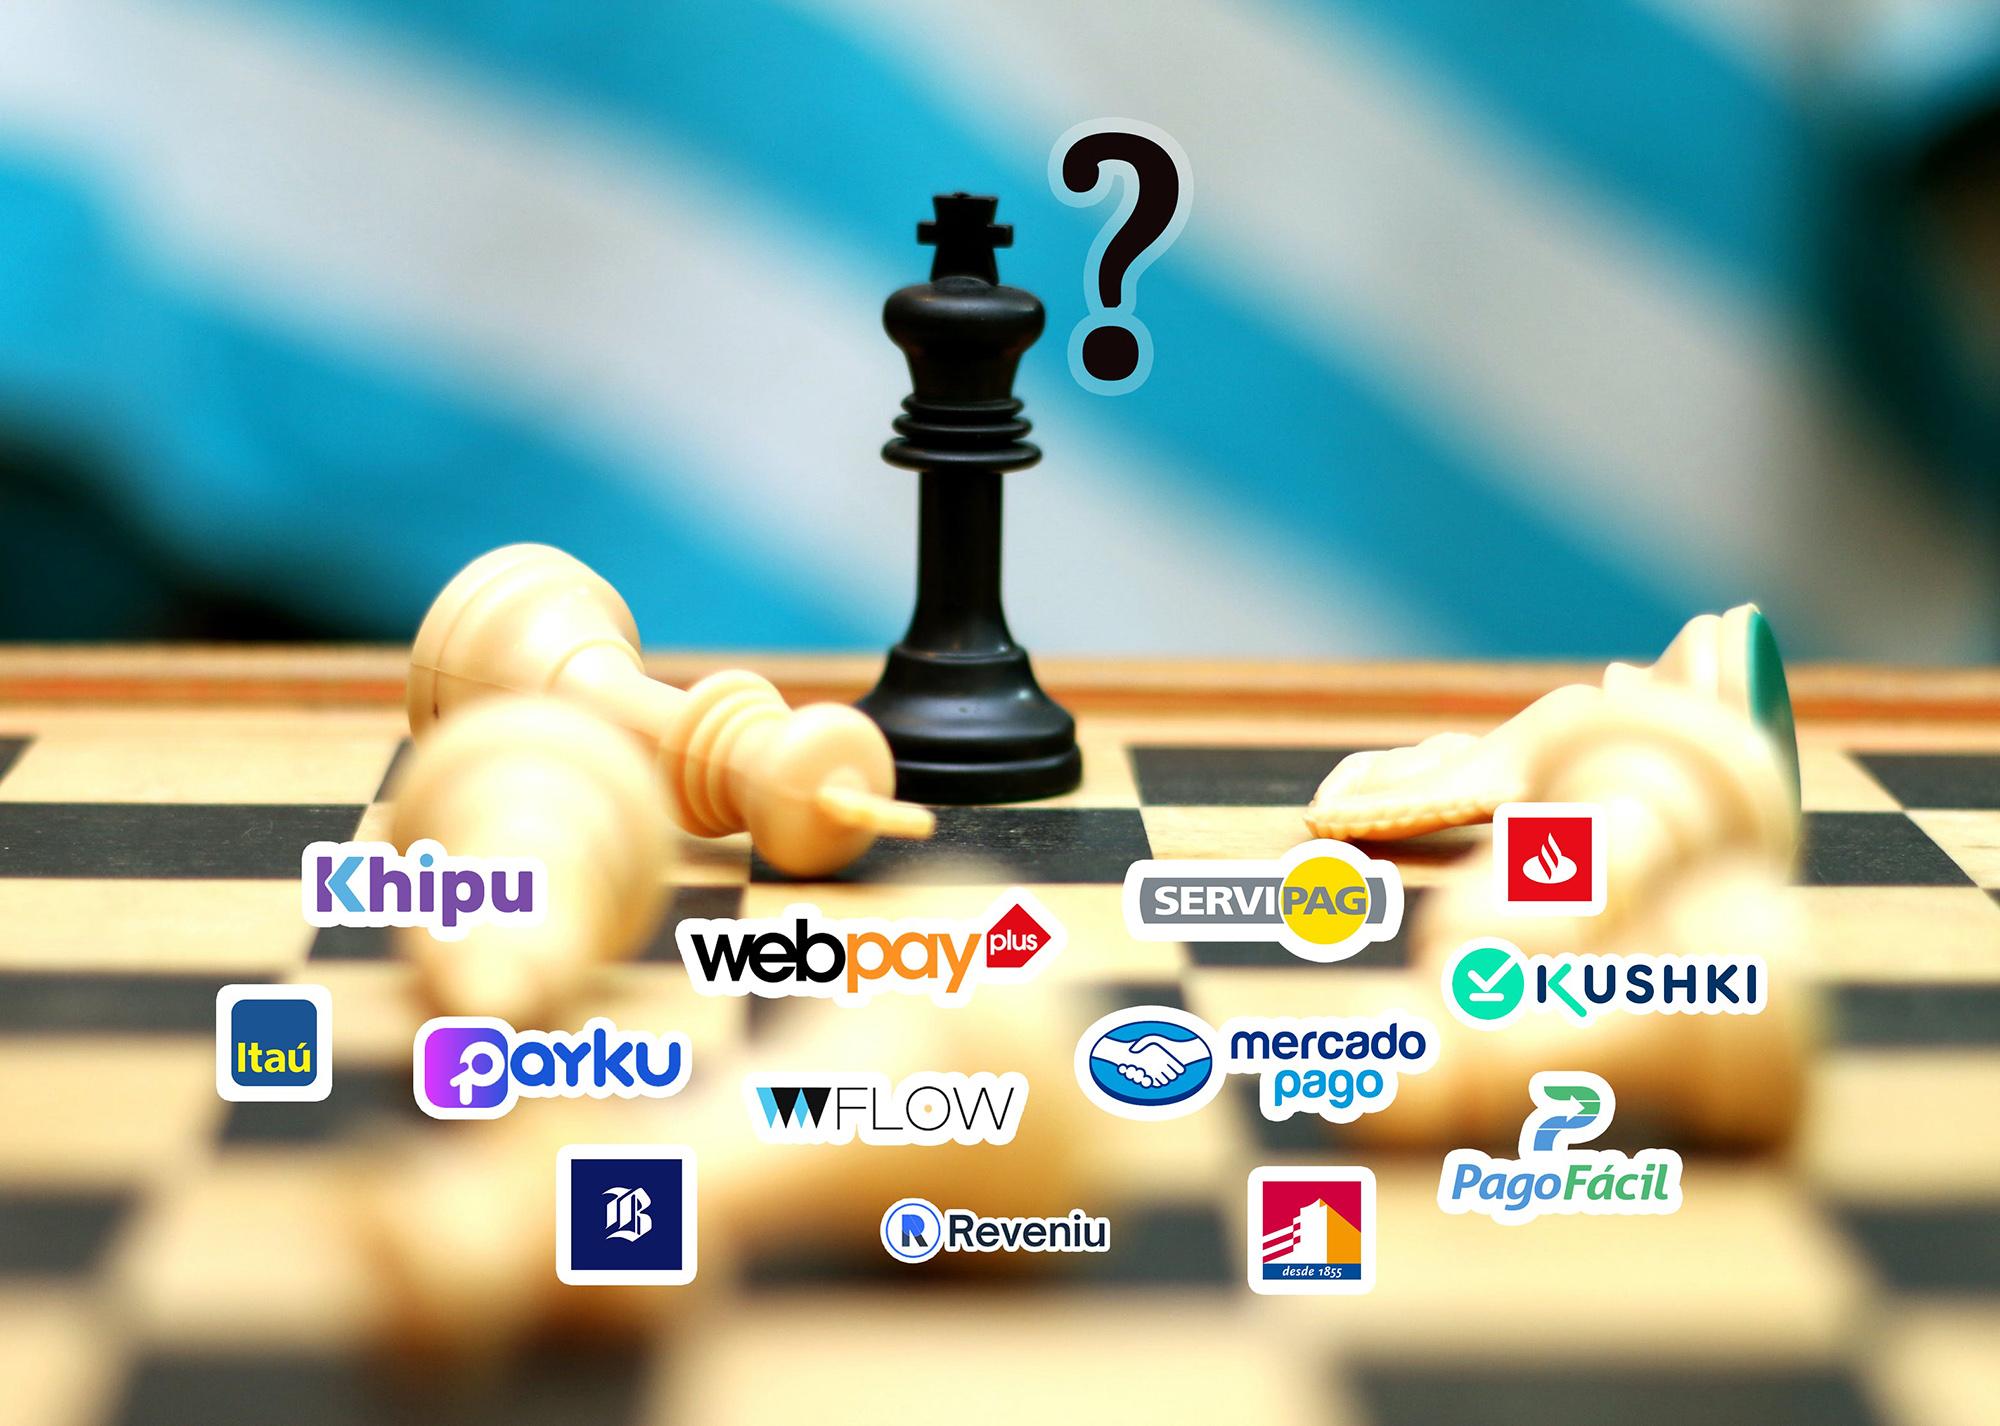 Guerra de los botones de pago: la experiencia de usuario será el próximo campo de batalla